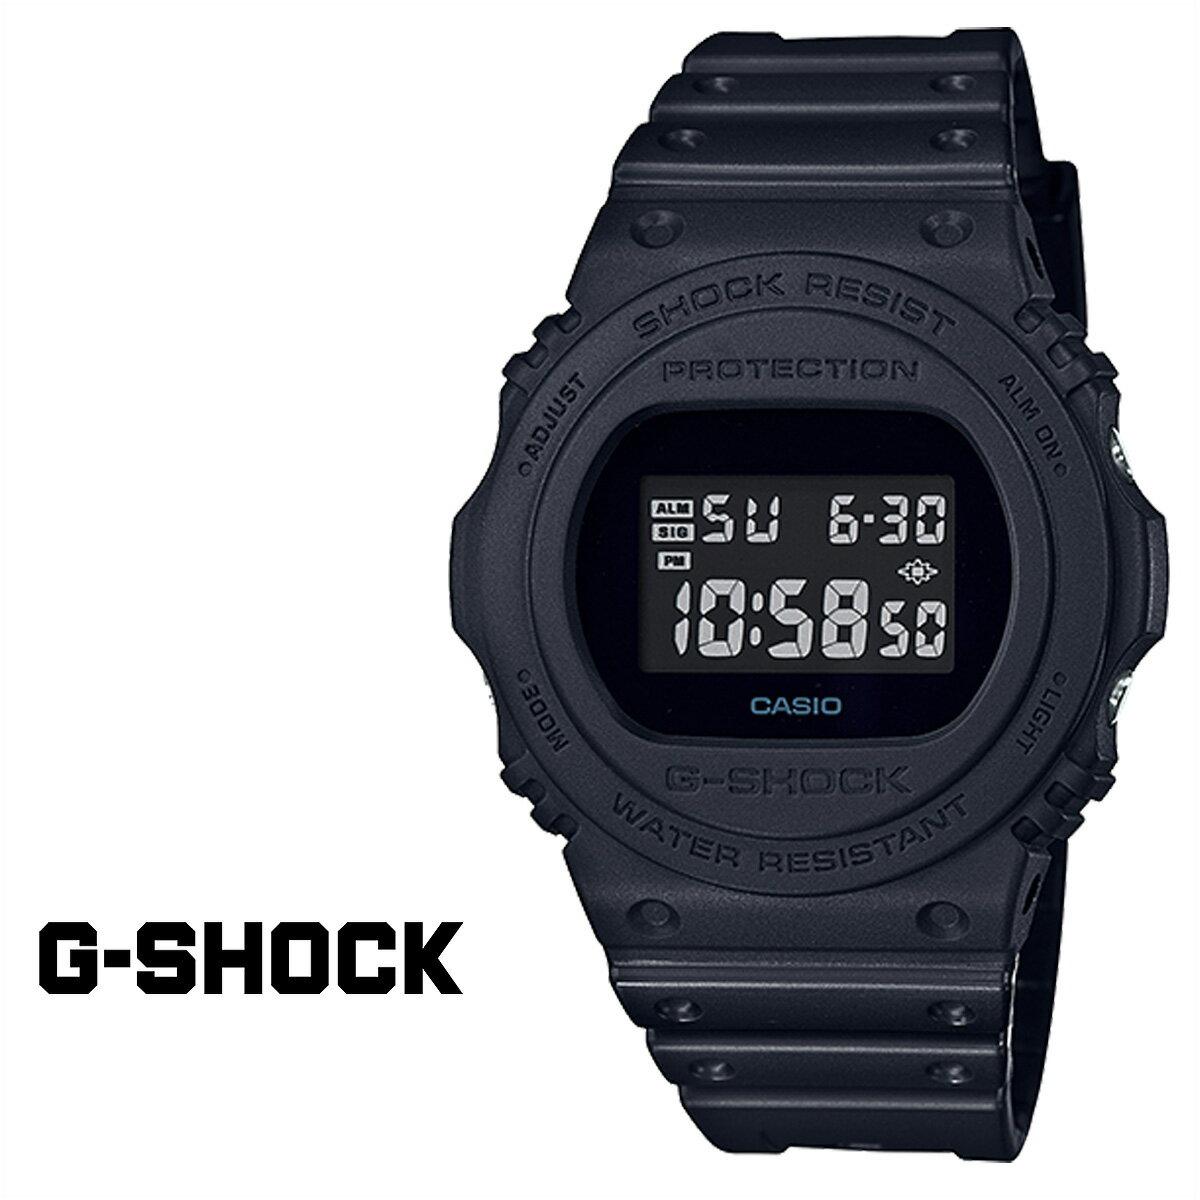 腕時計, メンズ腕時計 CASIO G-SHOCK DW-5750E-1BJF G G- 118